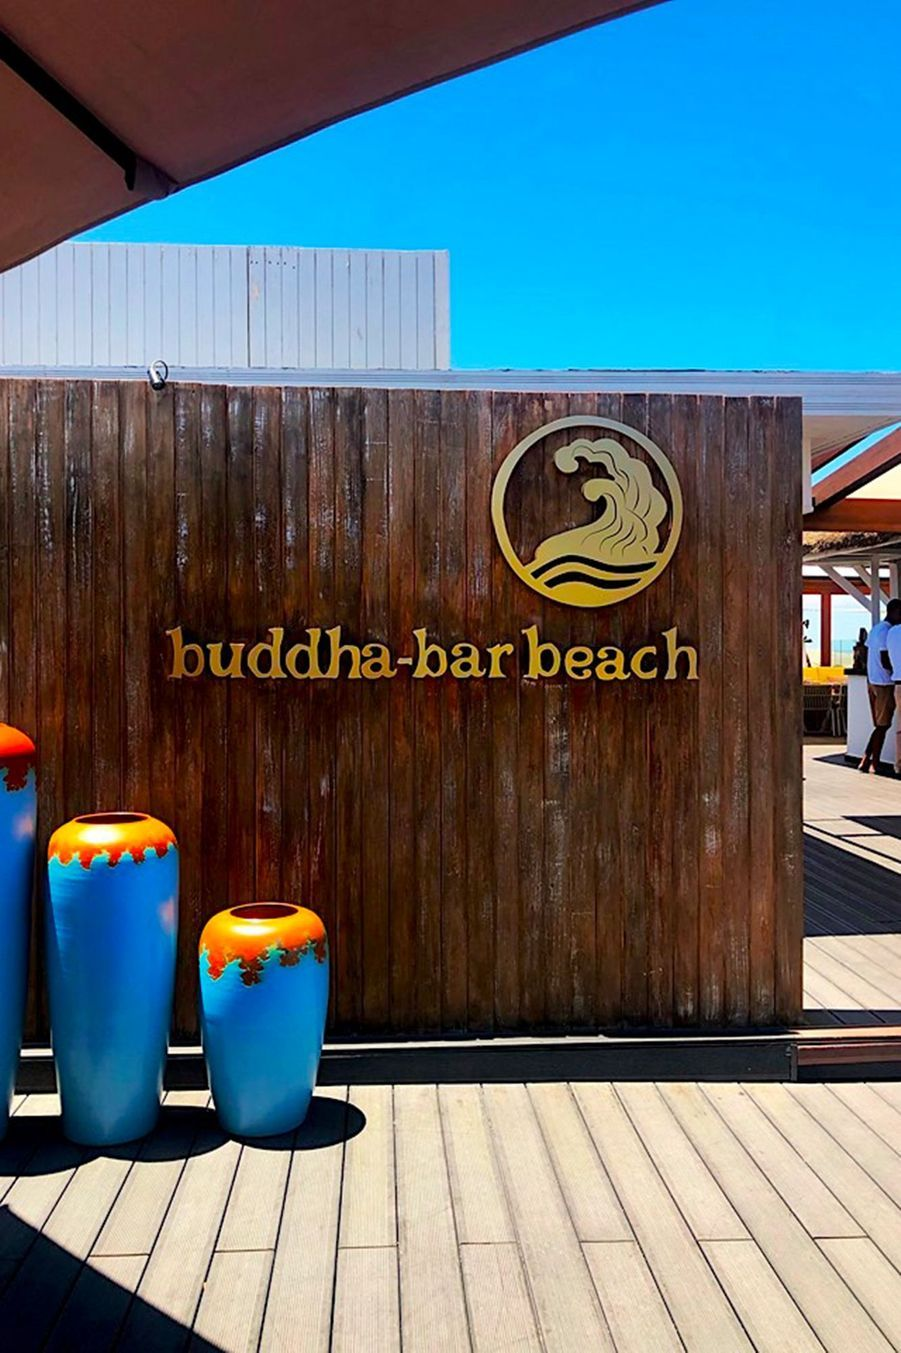 La Buddah bar beach